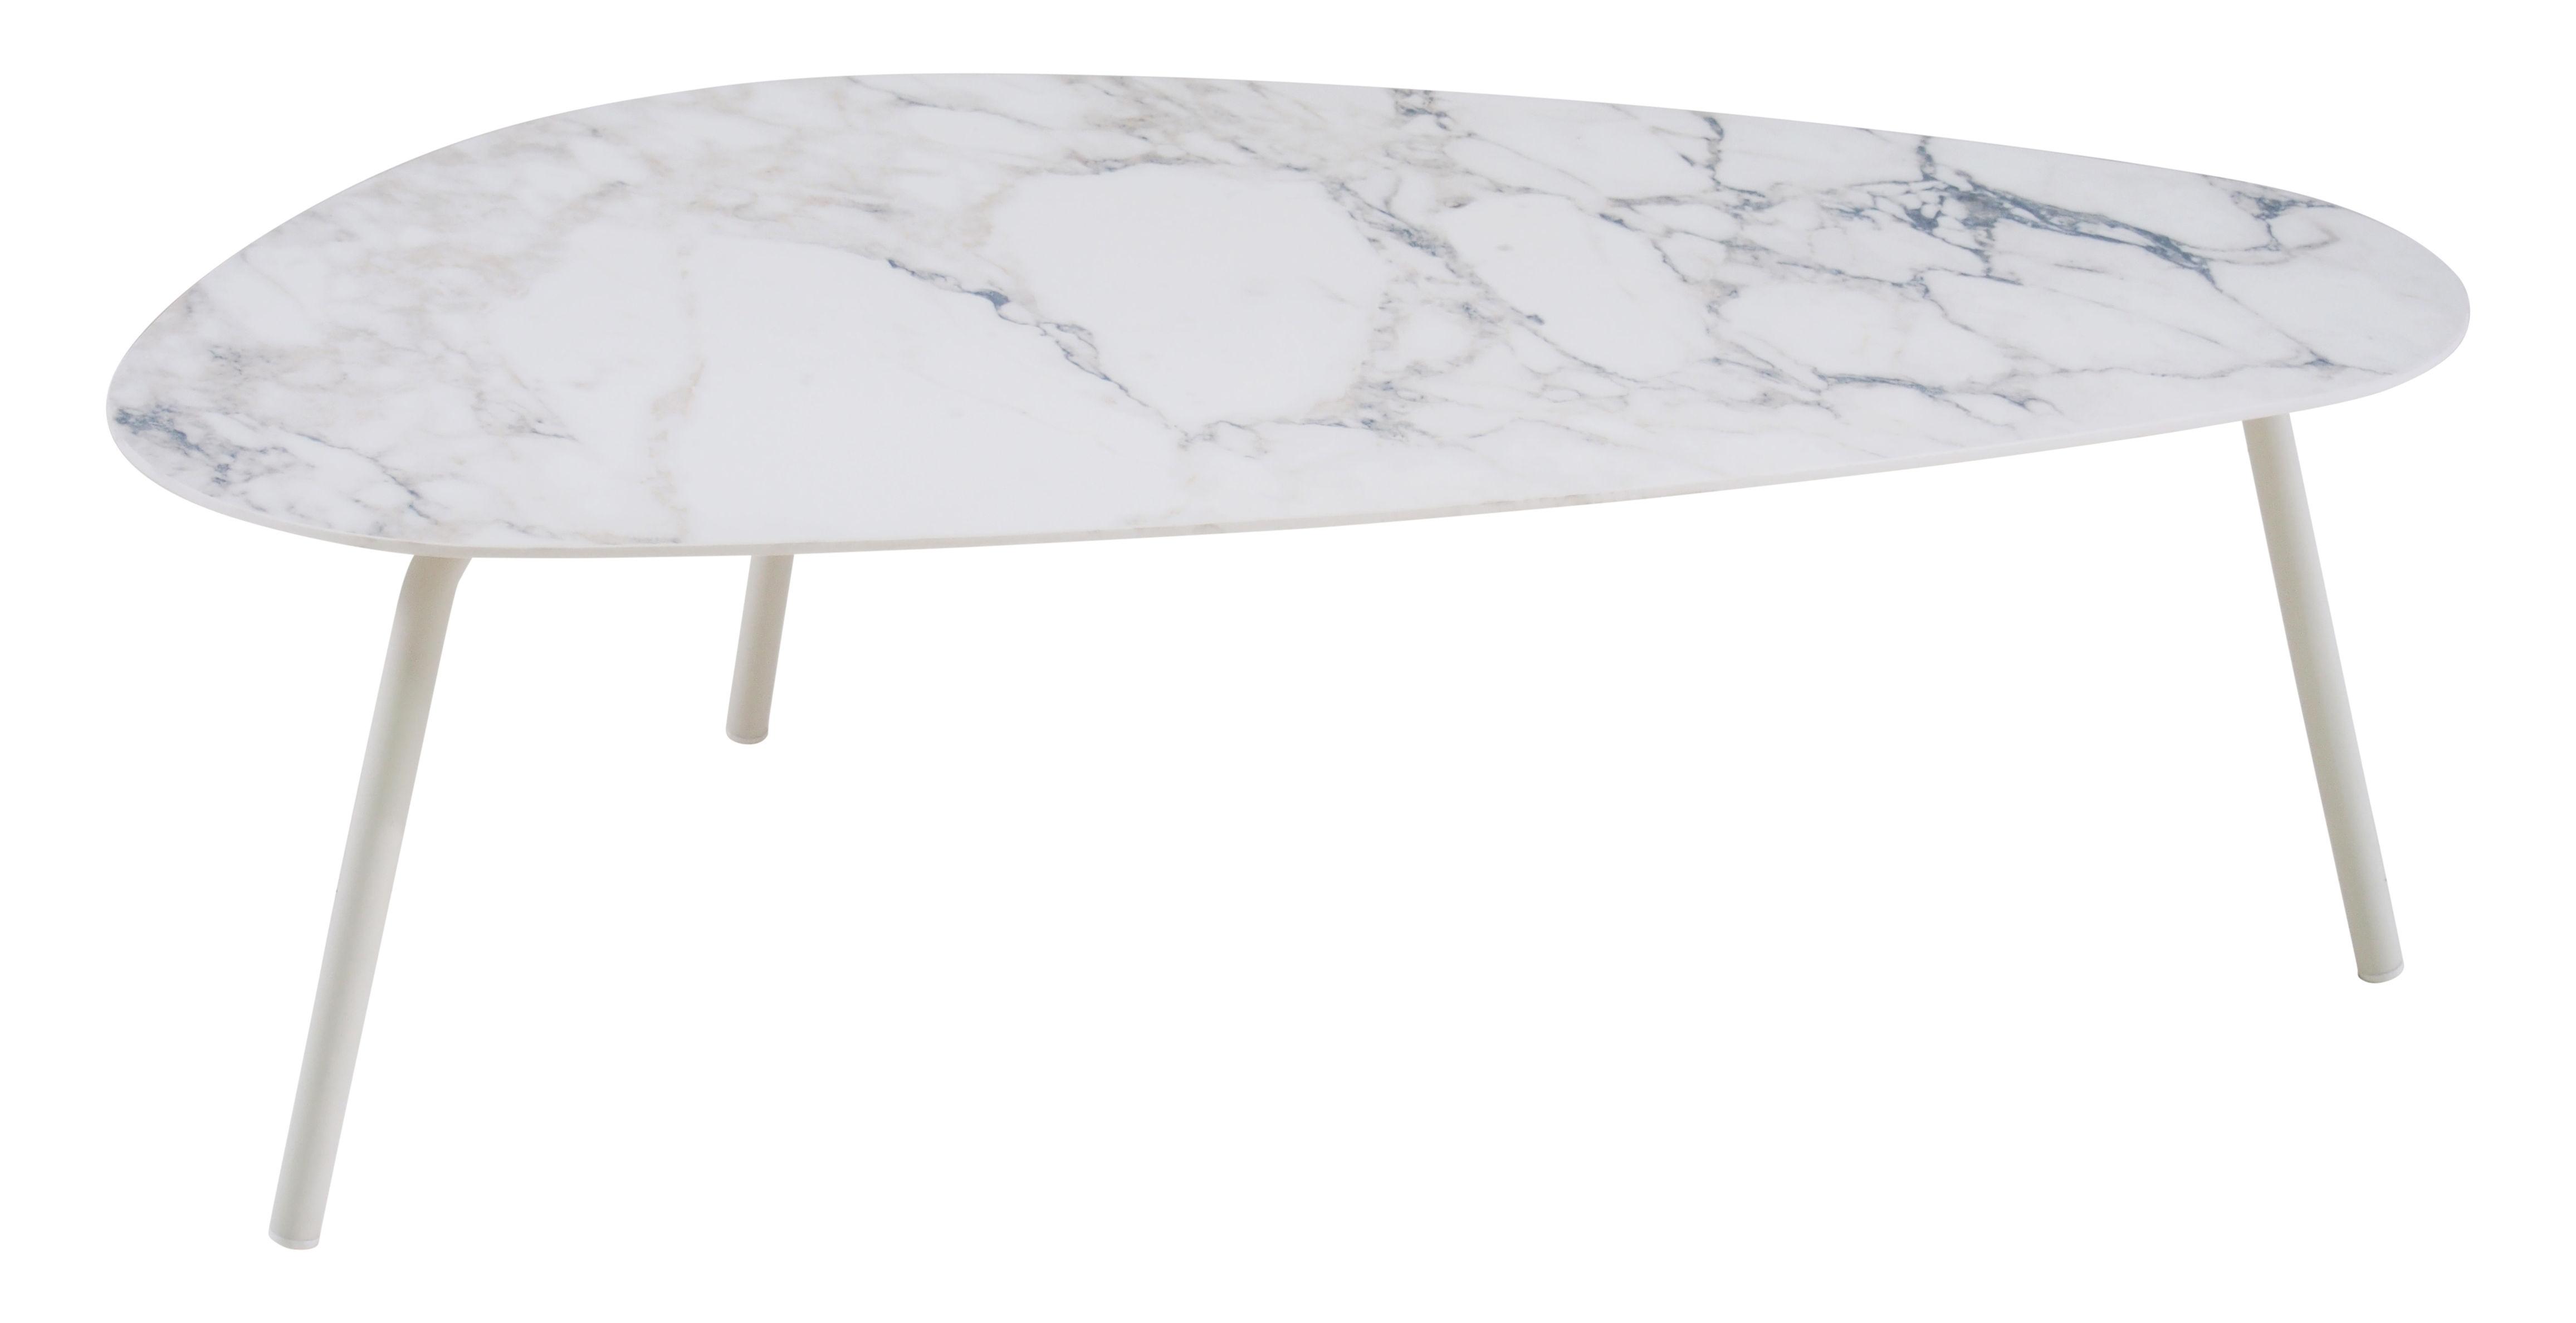 De Haute Qualite ... Mobilier   Tables Basses   Table Basse Terramare / Grès Effet Marbre    L 108 Cm